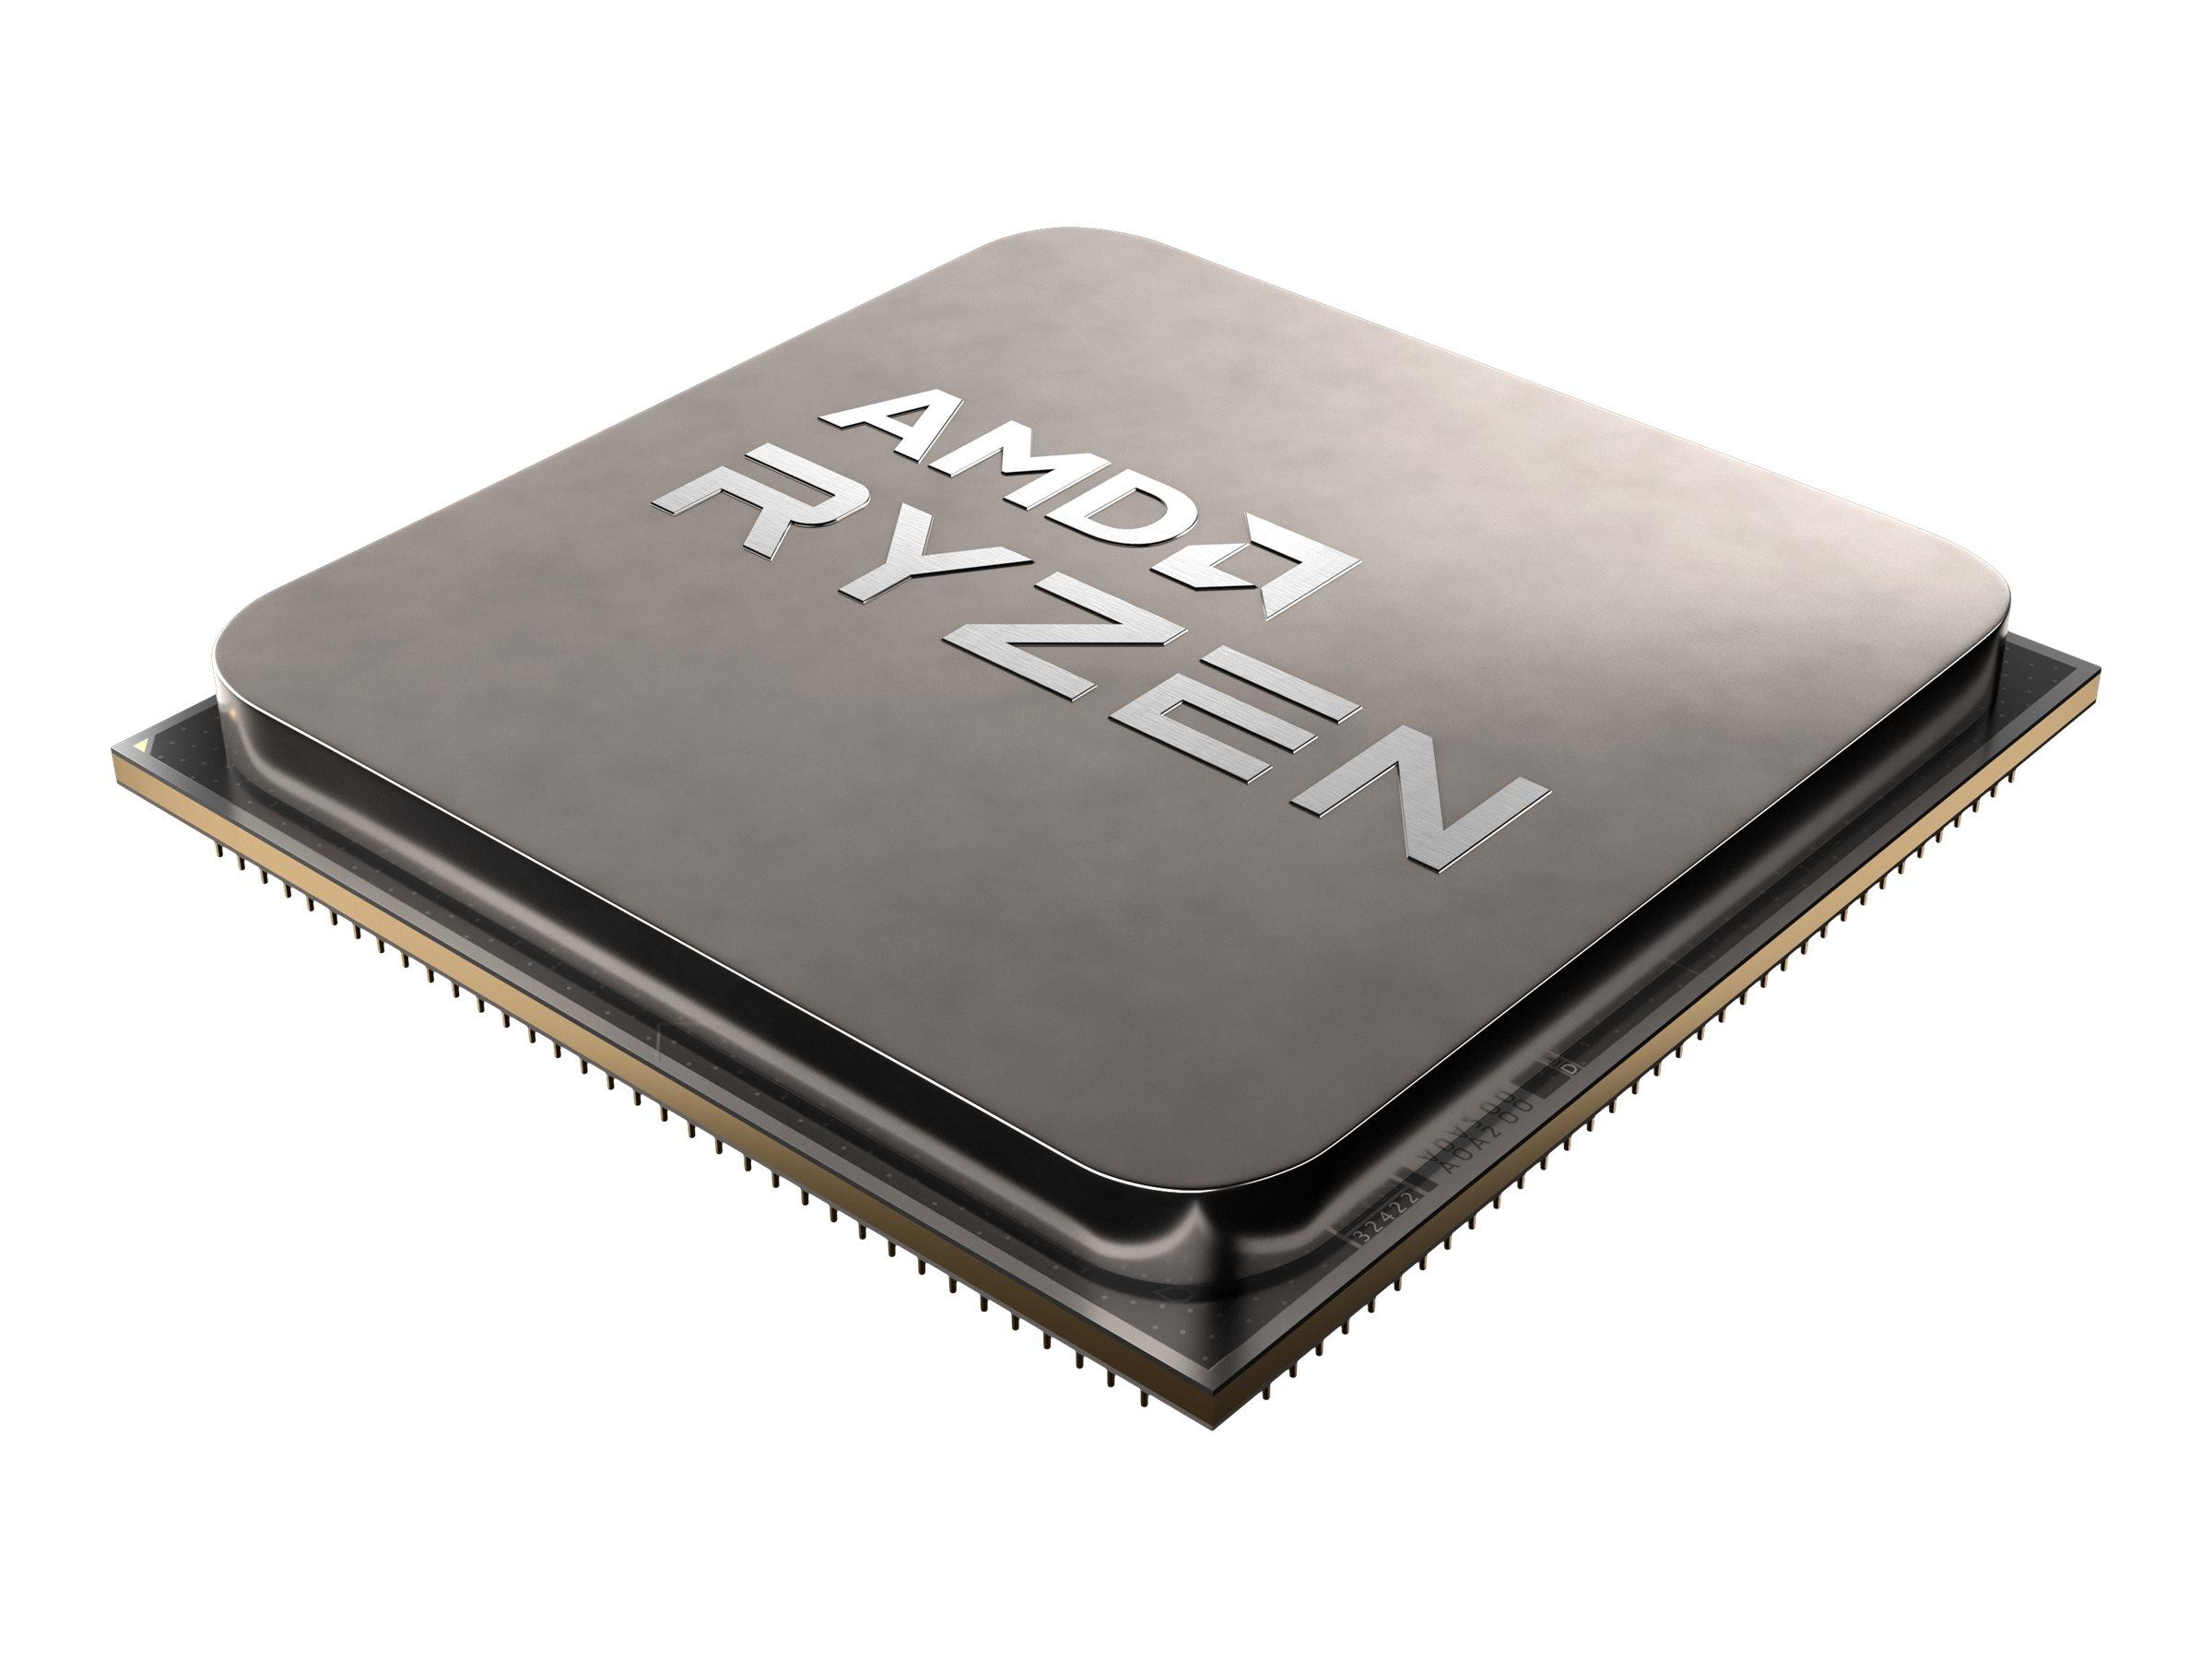 AMD Ryzen 9 5950X - 3.4 GHz - 16 Kerne - 32 Threads - 64 MB Cache-Speicher - Socket AM4